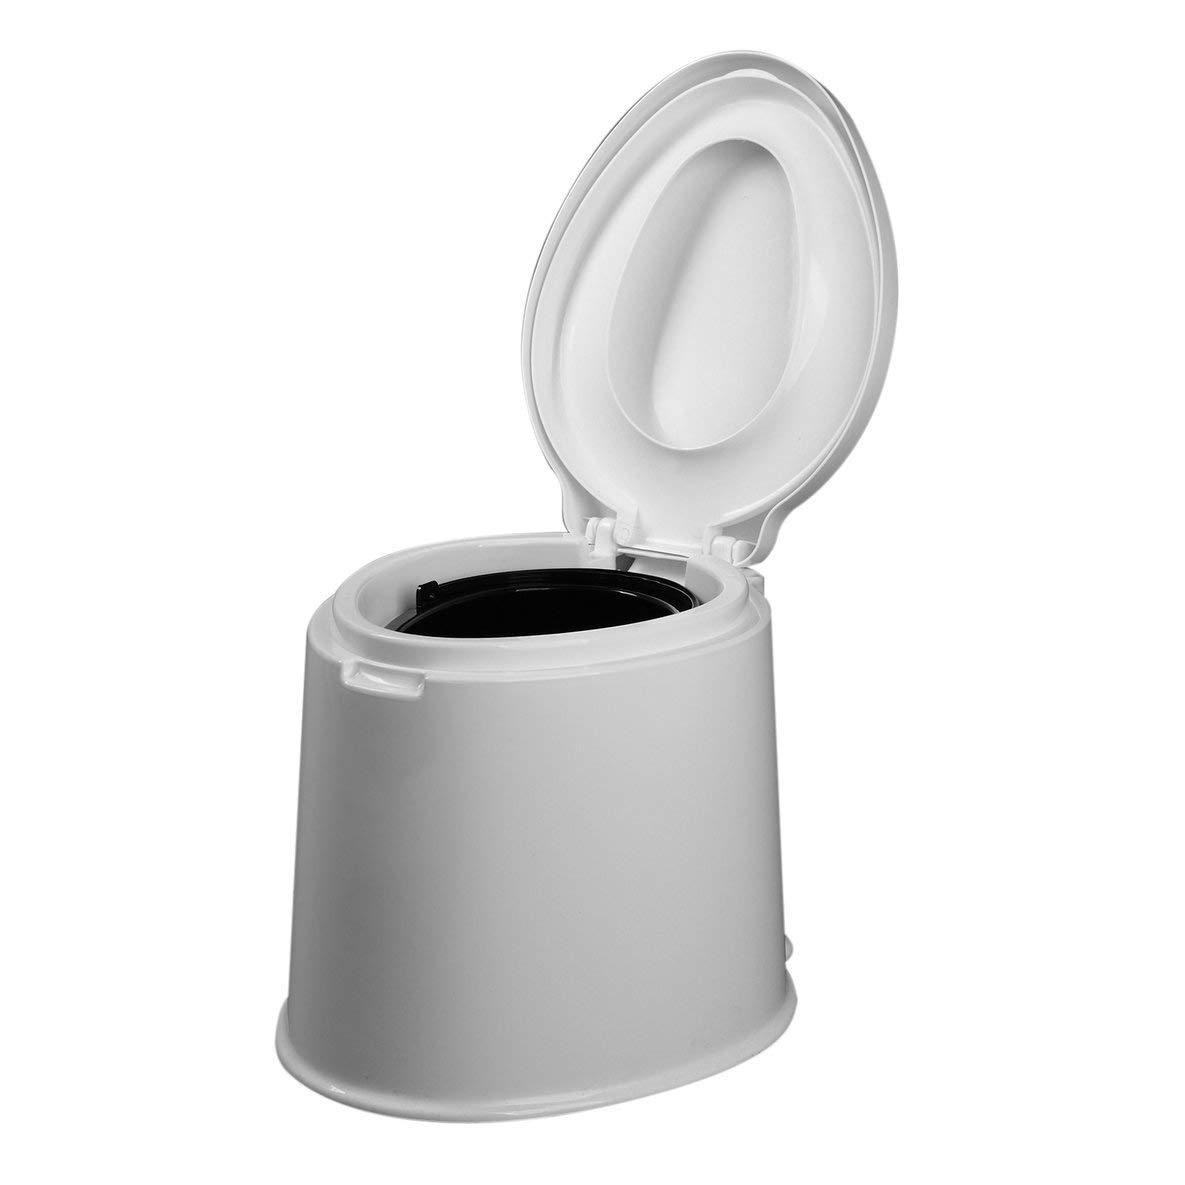 Moliies Tragbare Outdoor/Indoor Eimer Typ Sitz Toilette Reise Camping Töpfchen Kommode